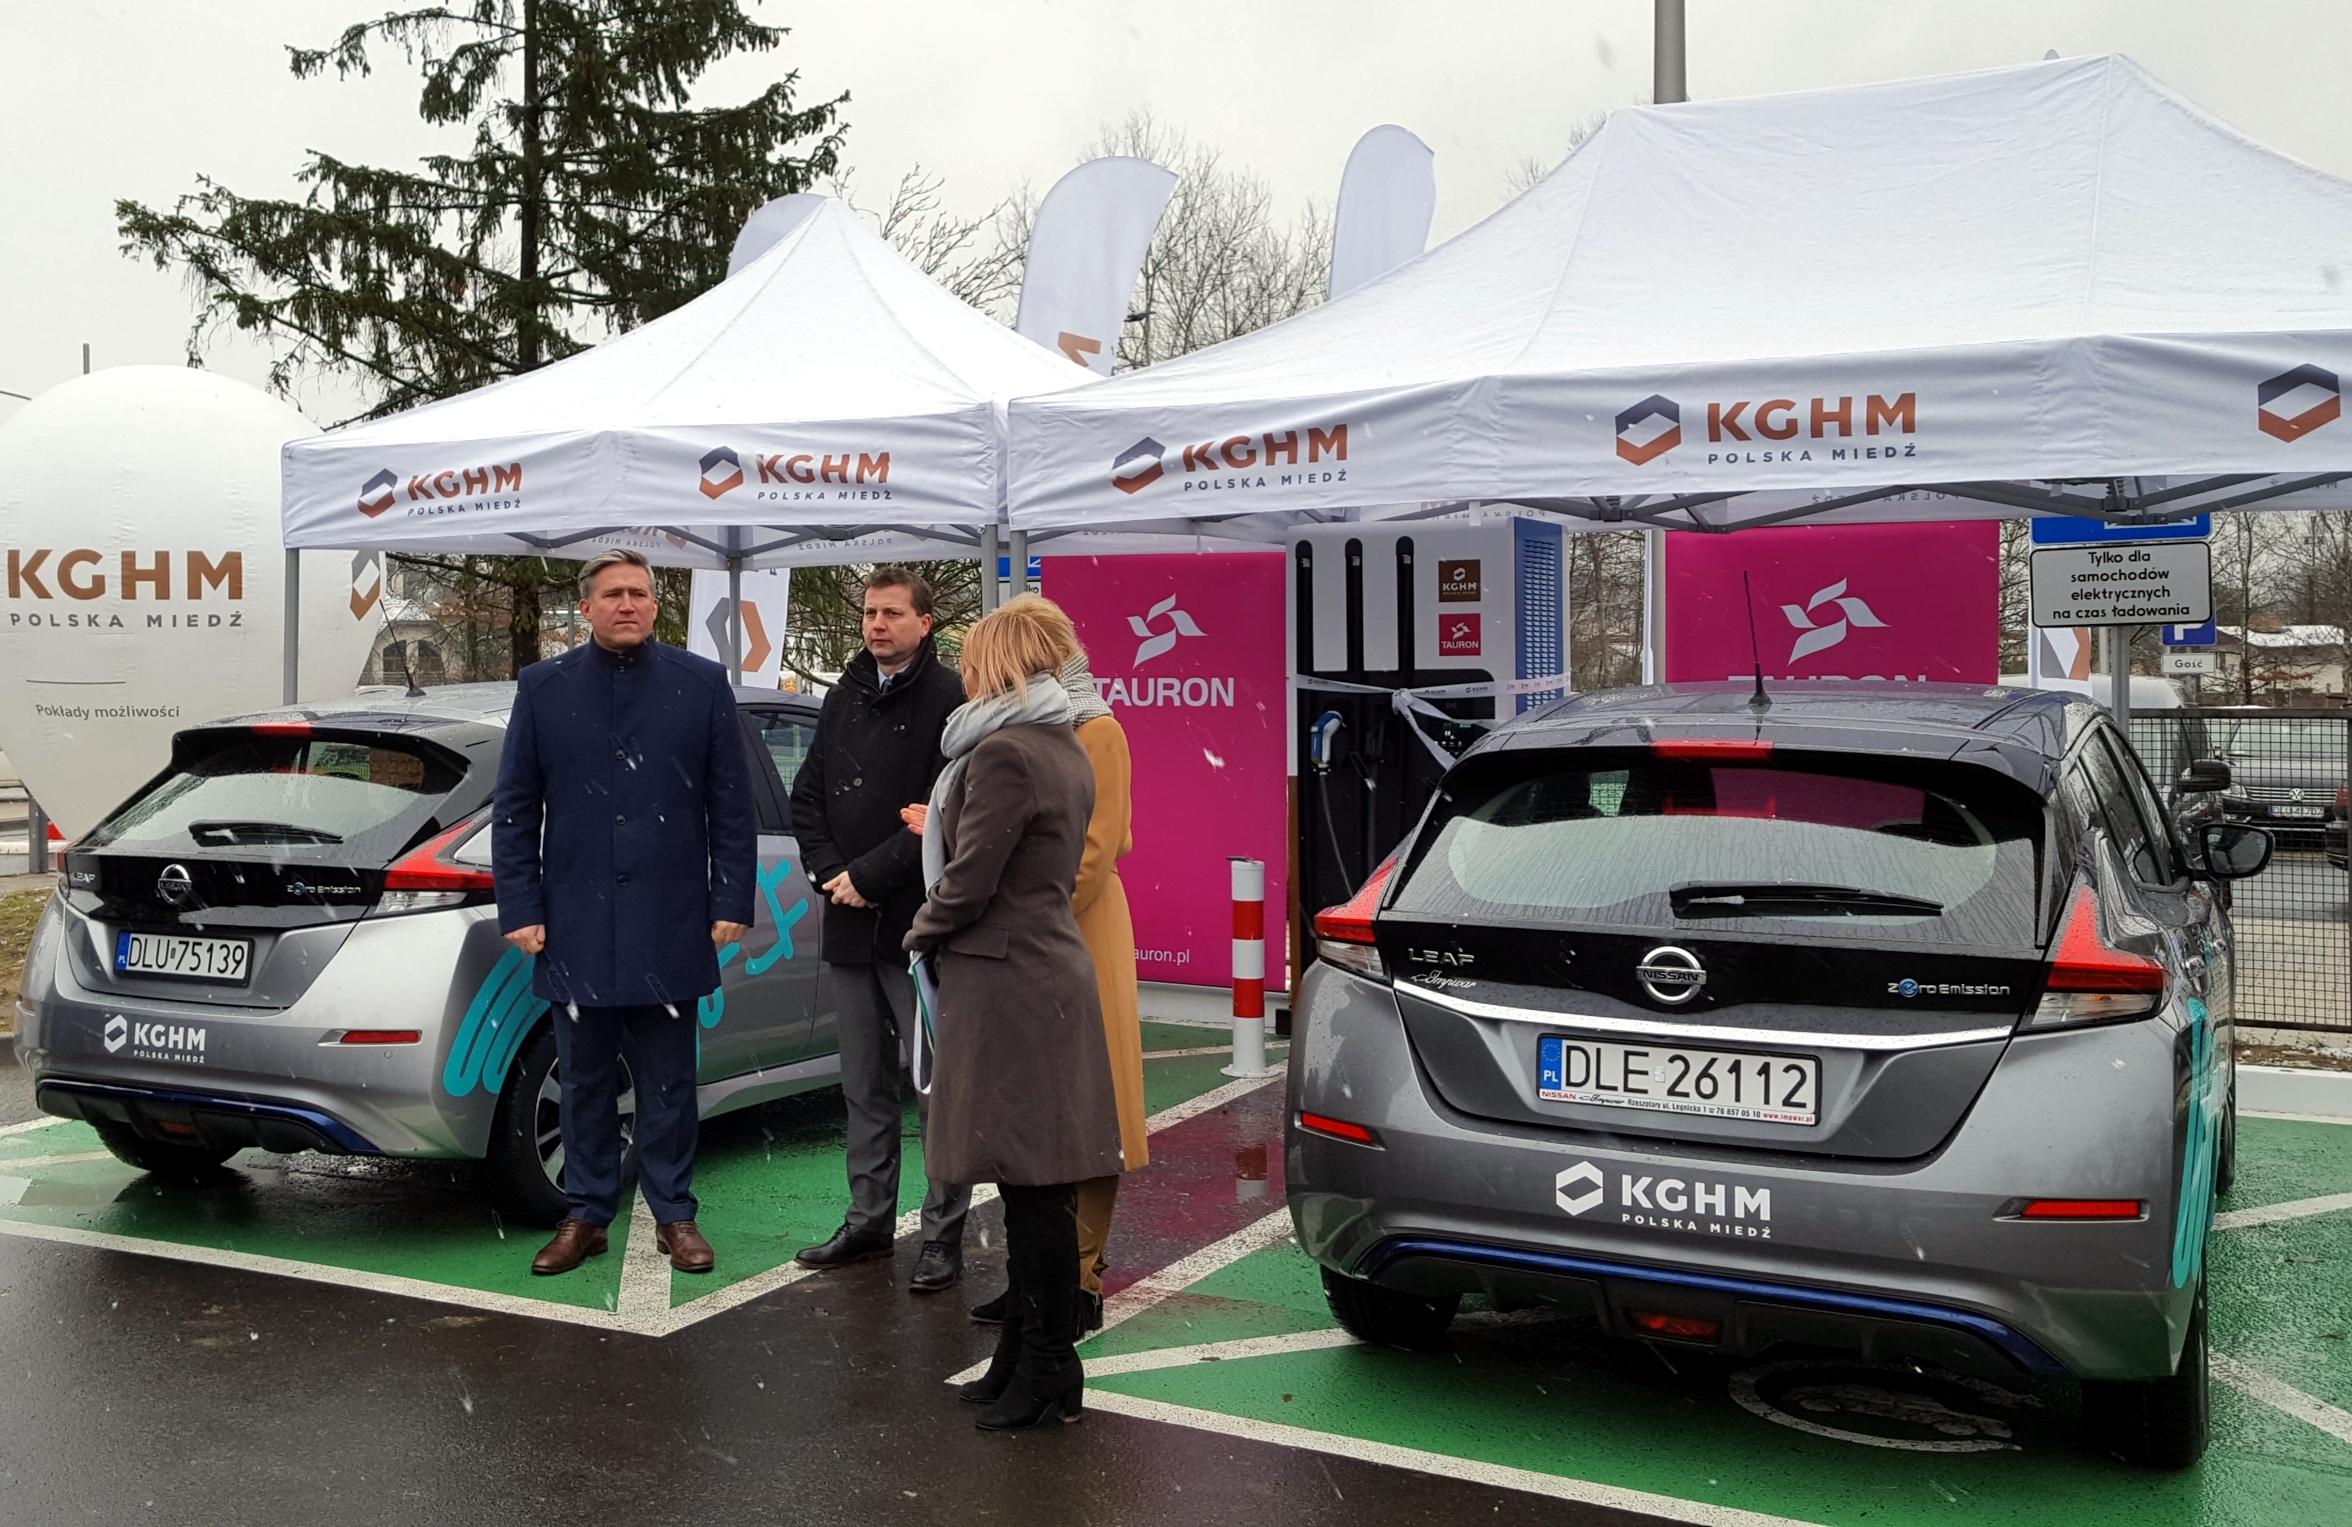 Firmy Tauron i KGHM Polska Miedź S.A uruchomiły w czwartek (10 stycznia) w Lubinie punkt ładowania samochodów elektrycznych (fot.kghm.com)